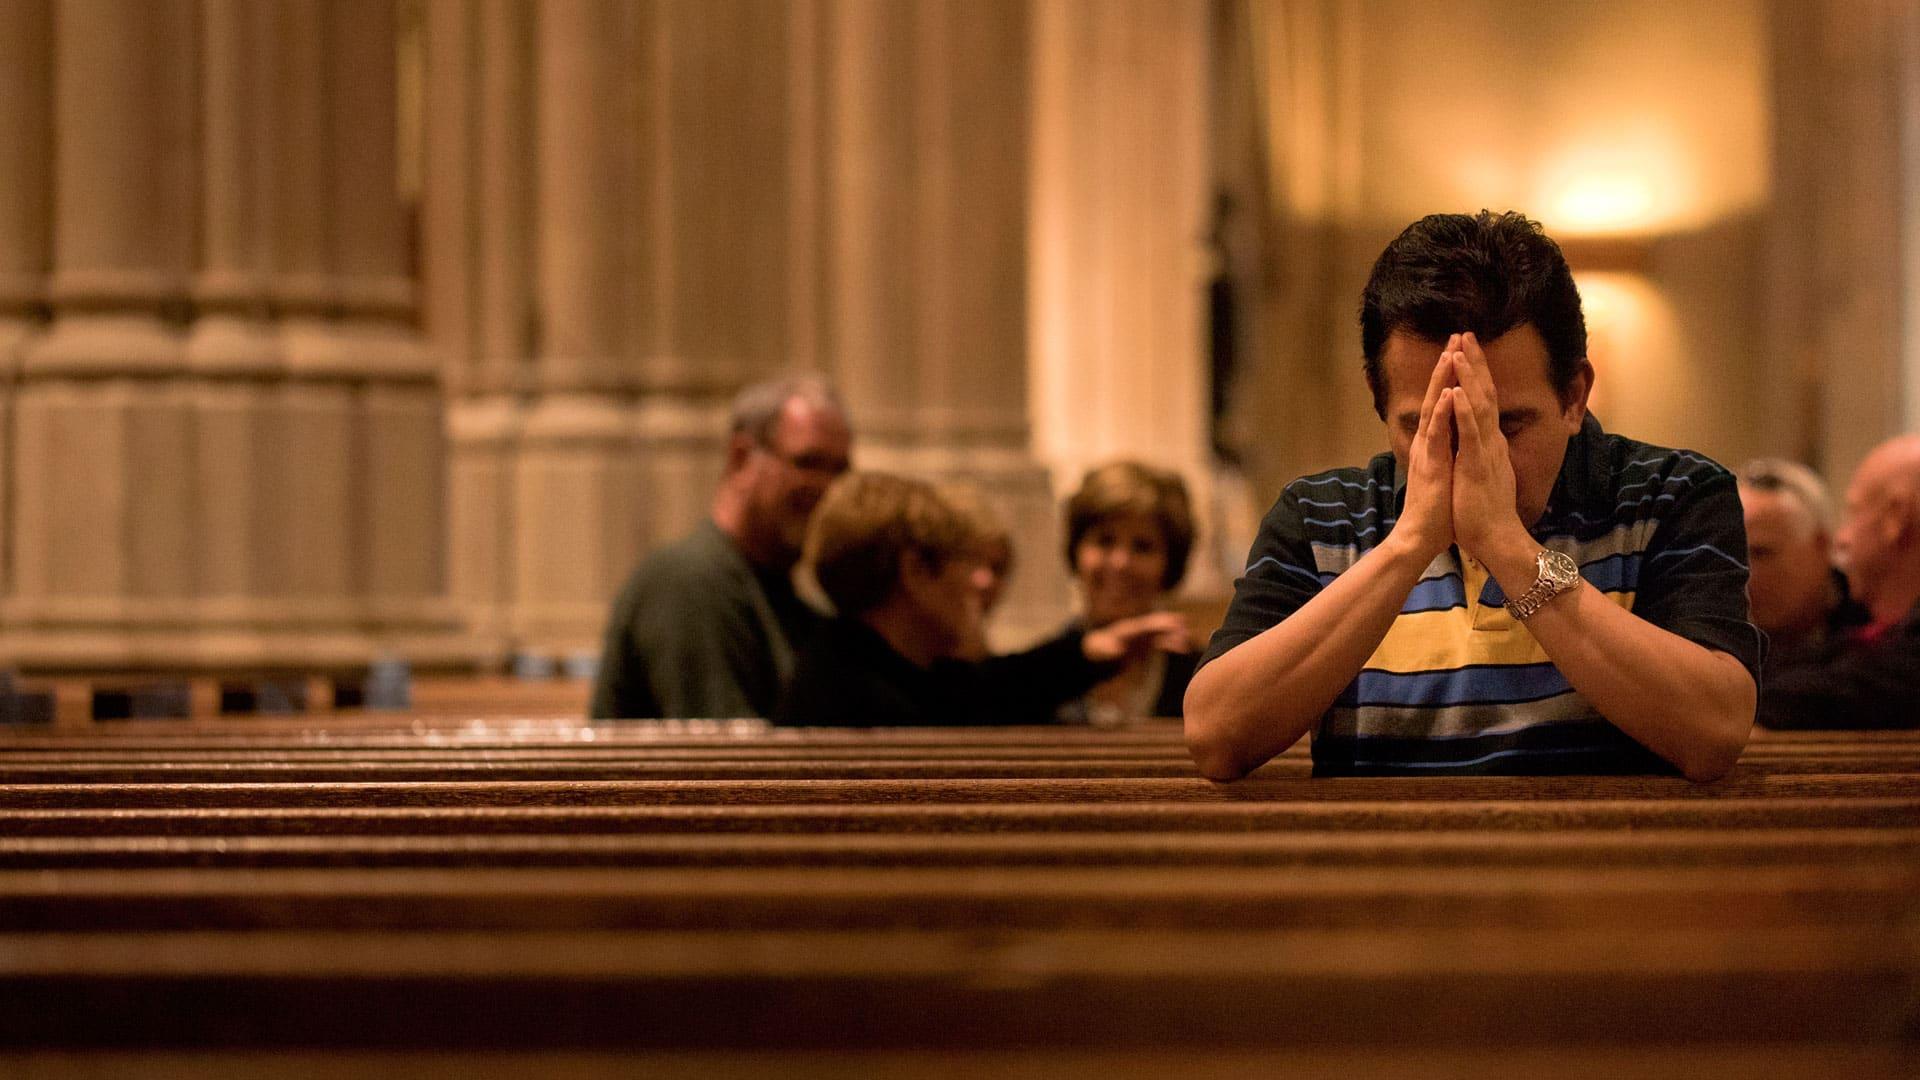 church offering prayer - 768×511